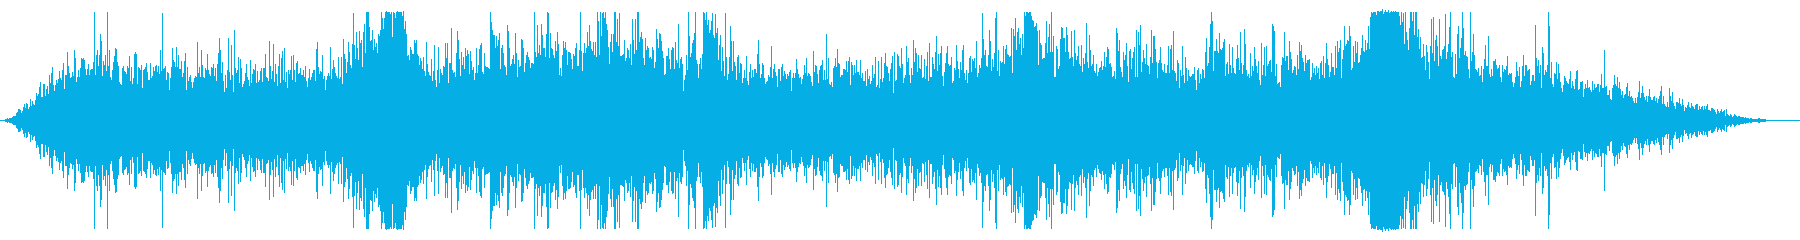 中規模地震:中規模破壊と岩盤スライドの再生済みの波形